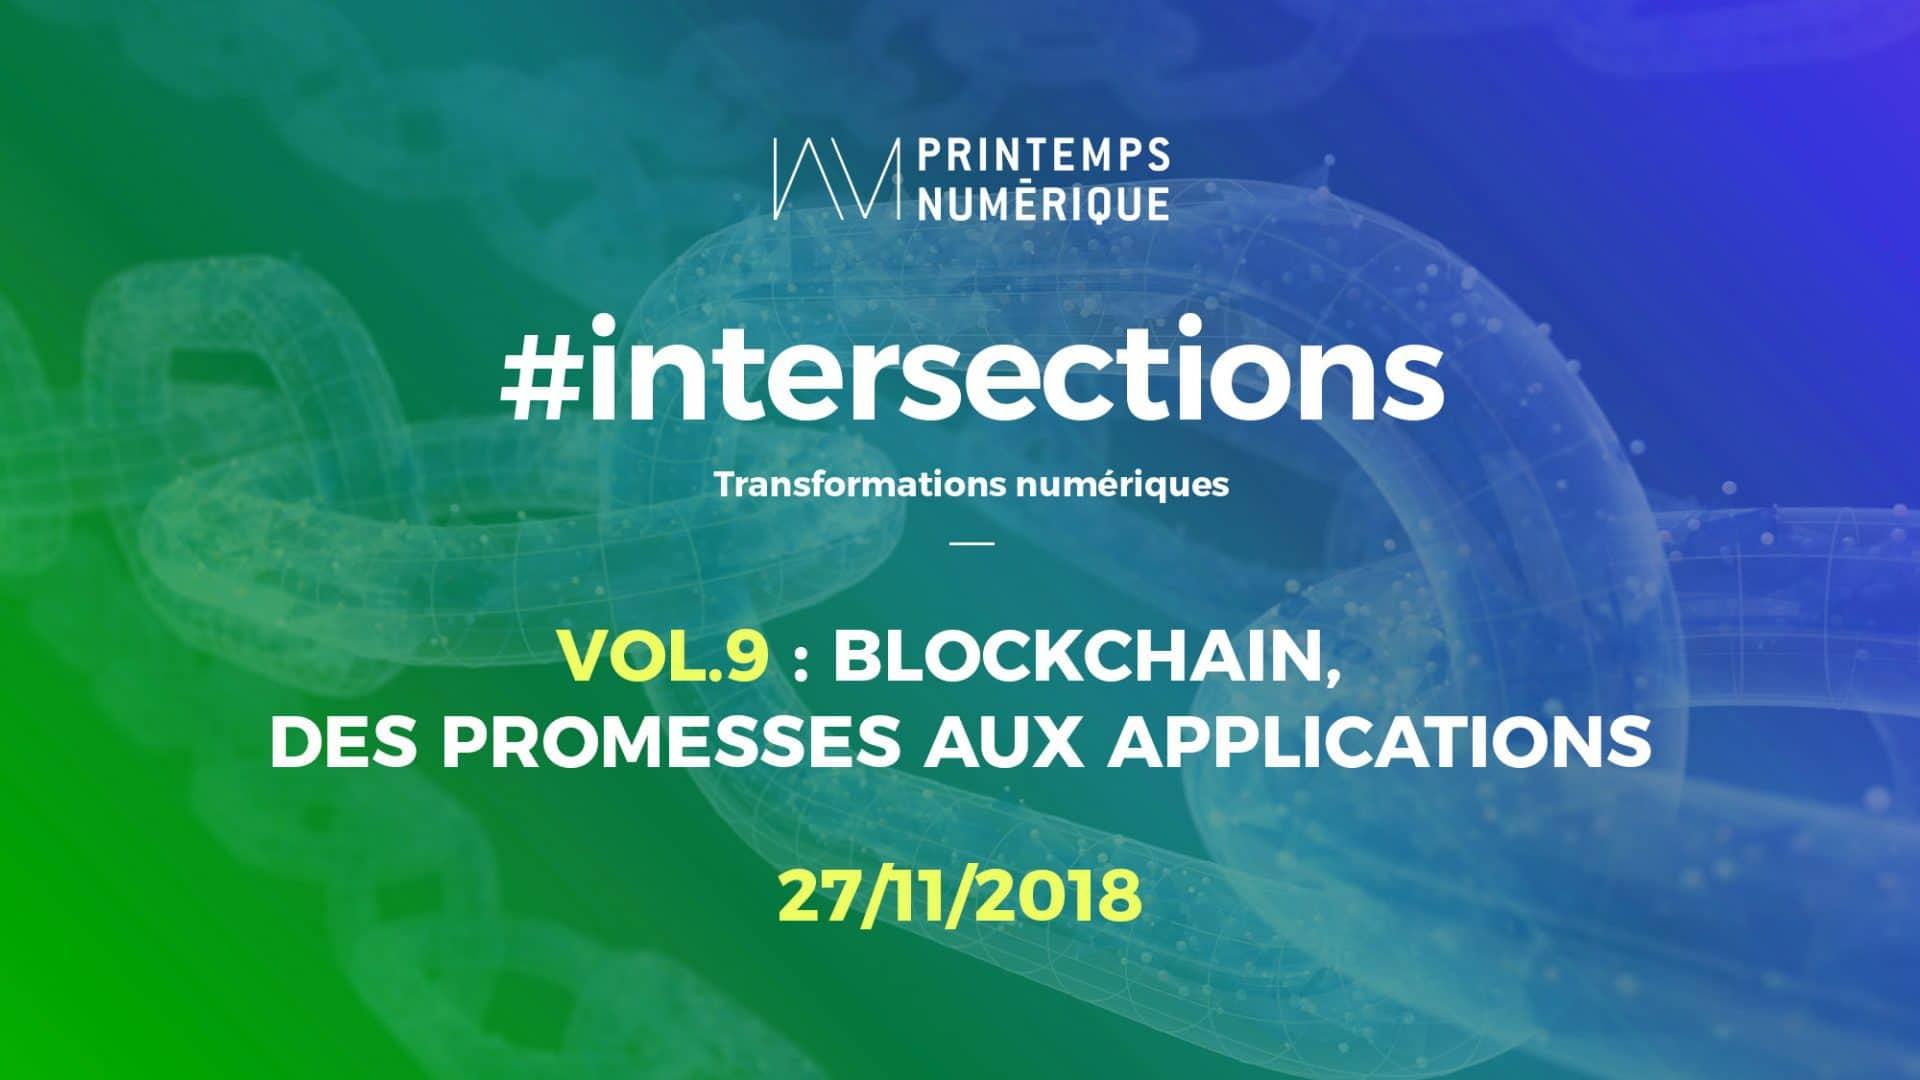 #Intersections VOL.9 : Blockchain, des promesses aux applications